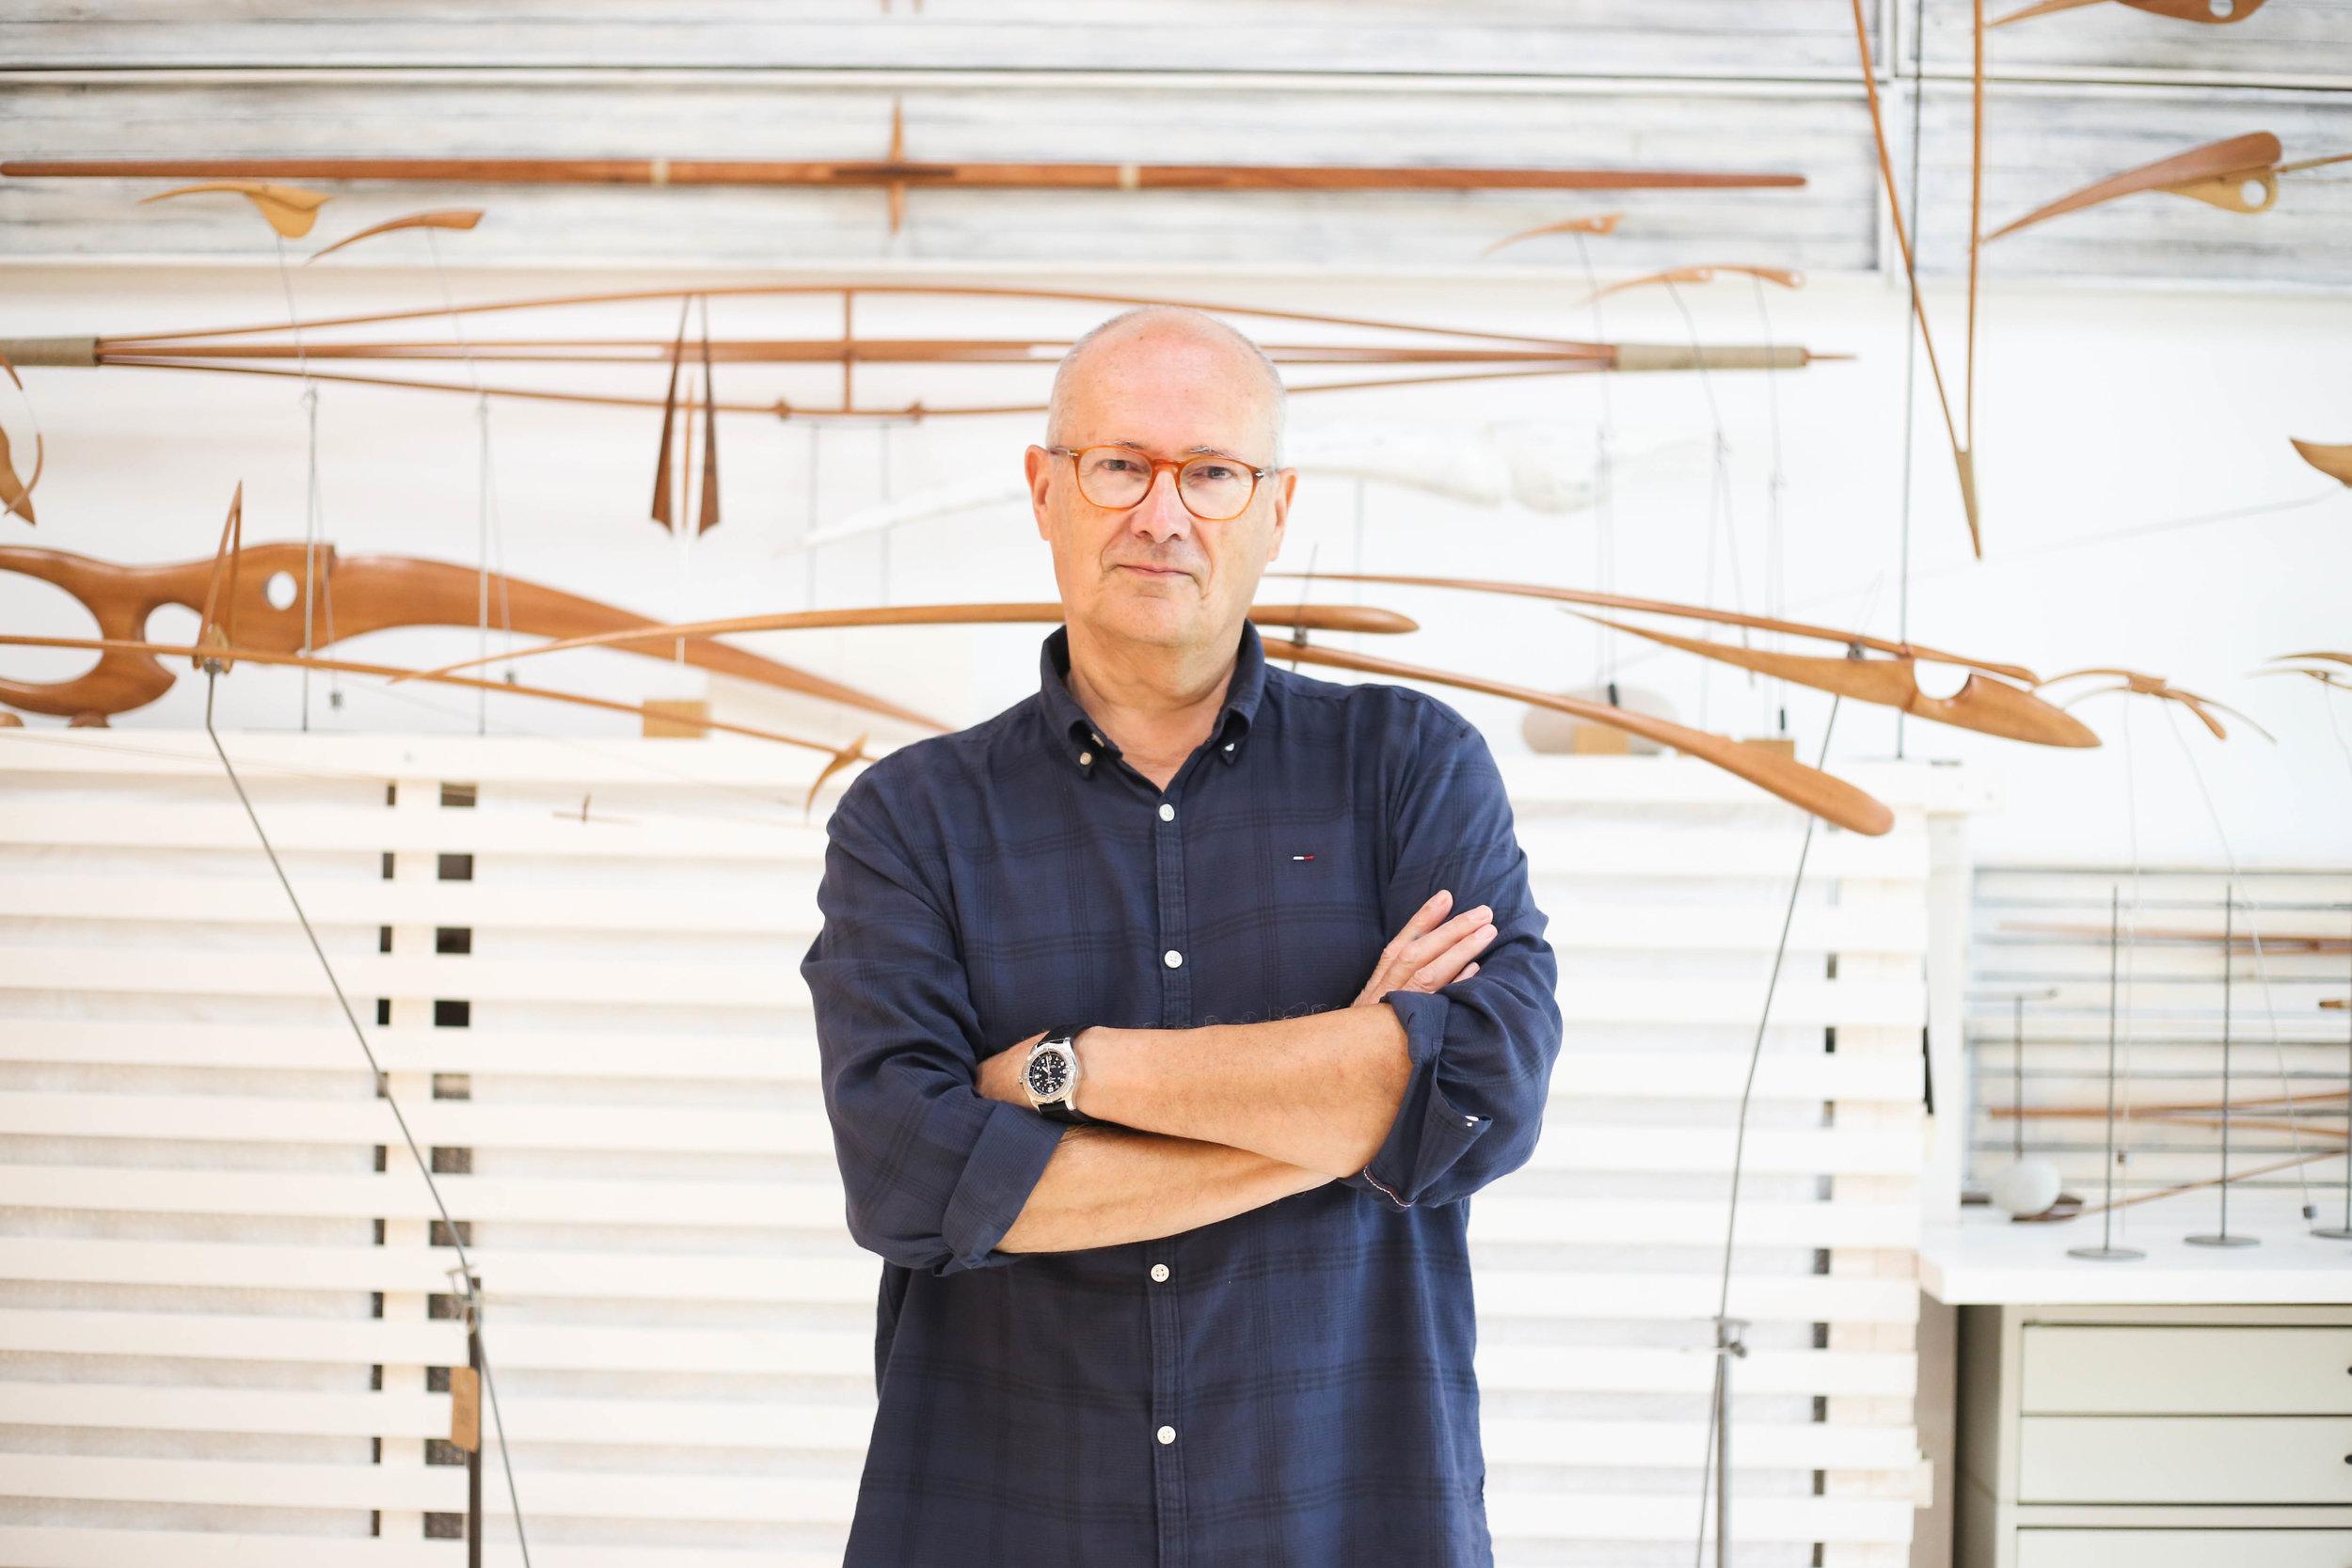 El escultor Antoni Yranzo con una pieza perteneciente a la colección móviles